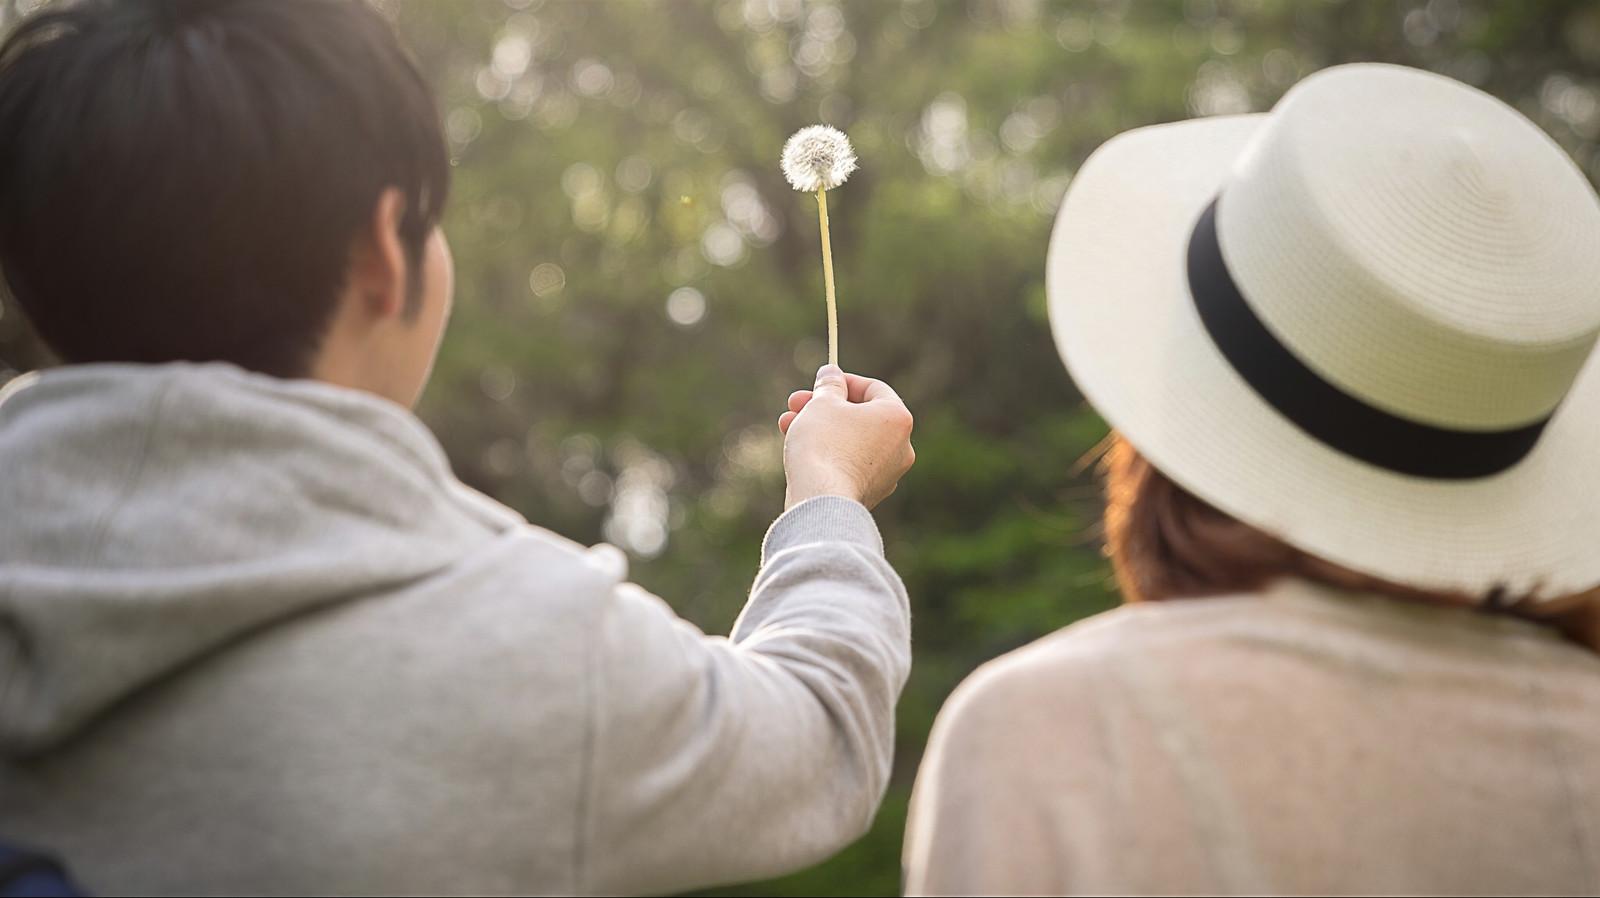 週末の休みに出逢いはある?【あなたに舞い込む婚期】を中園ミホが占う